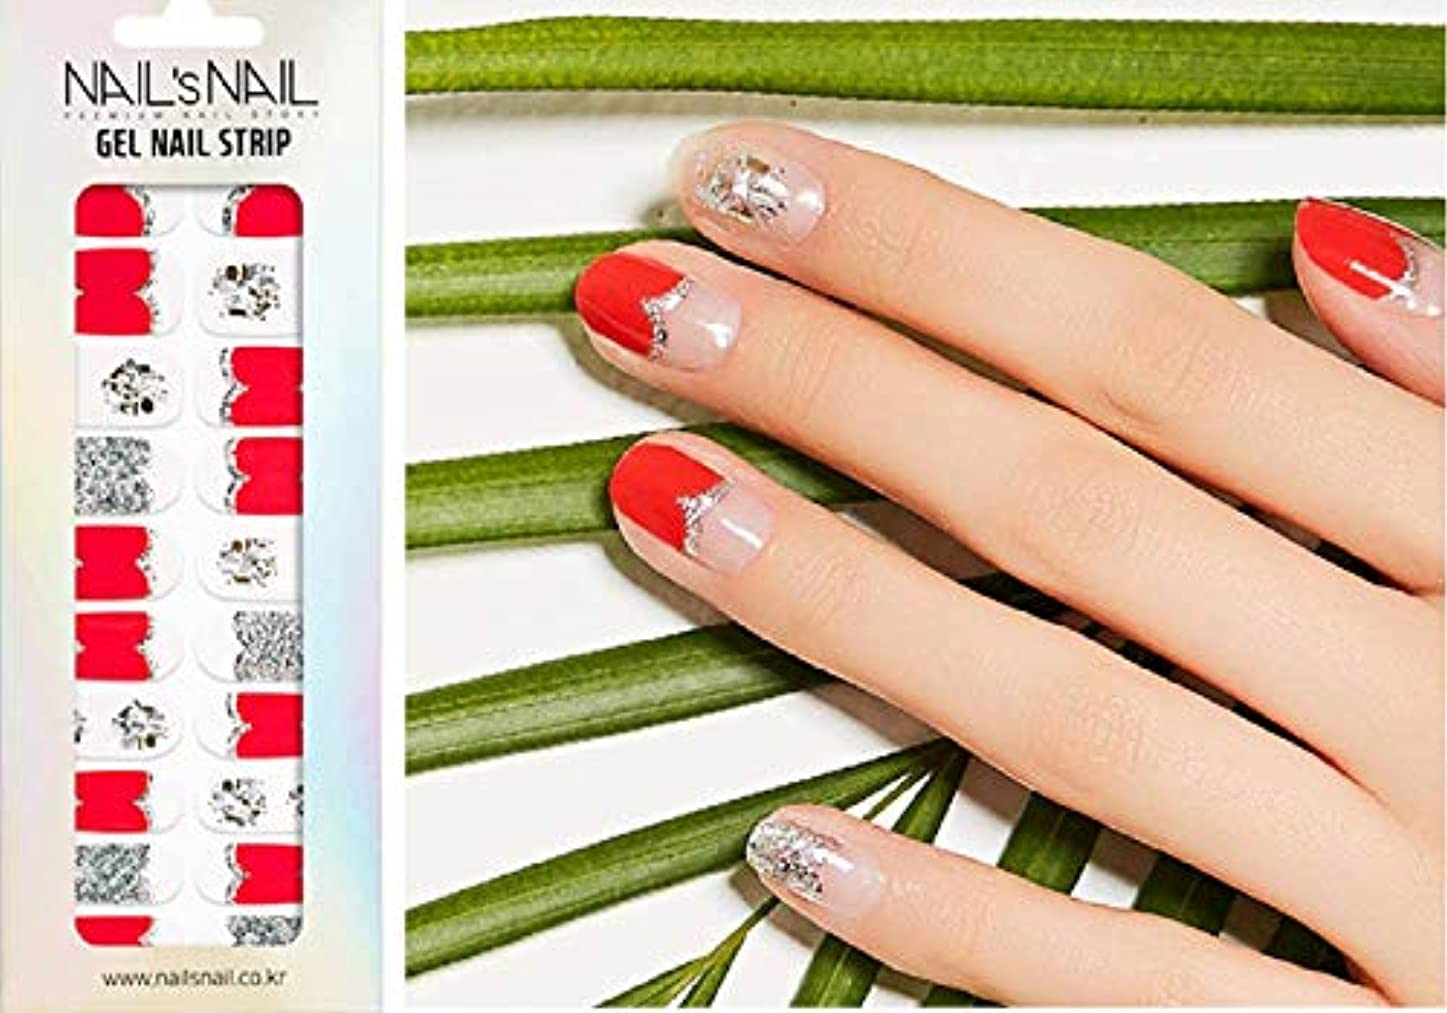 水銀のペースト石化する\貼るジェルネイル/Nail's Nail(ネイルスネイル) ジェルネイルストリップ 137